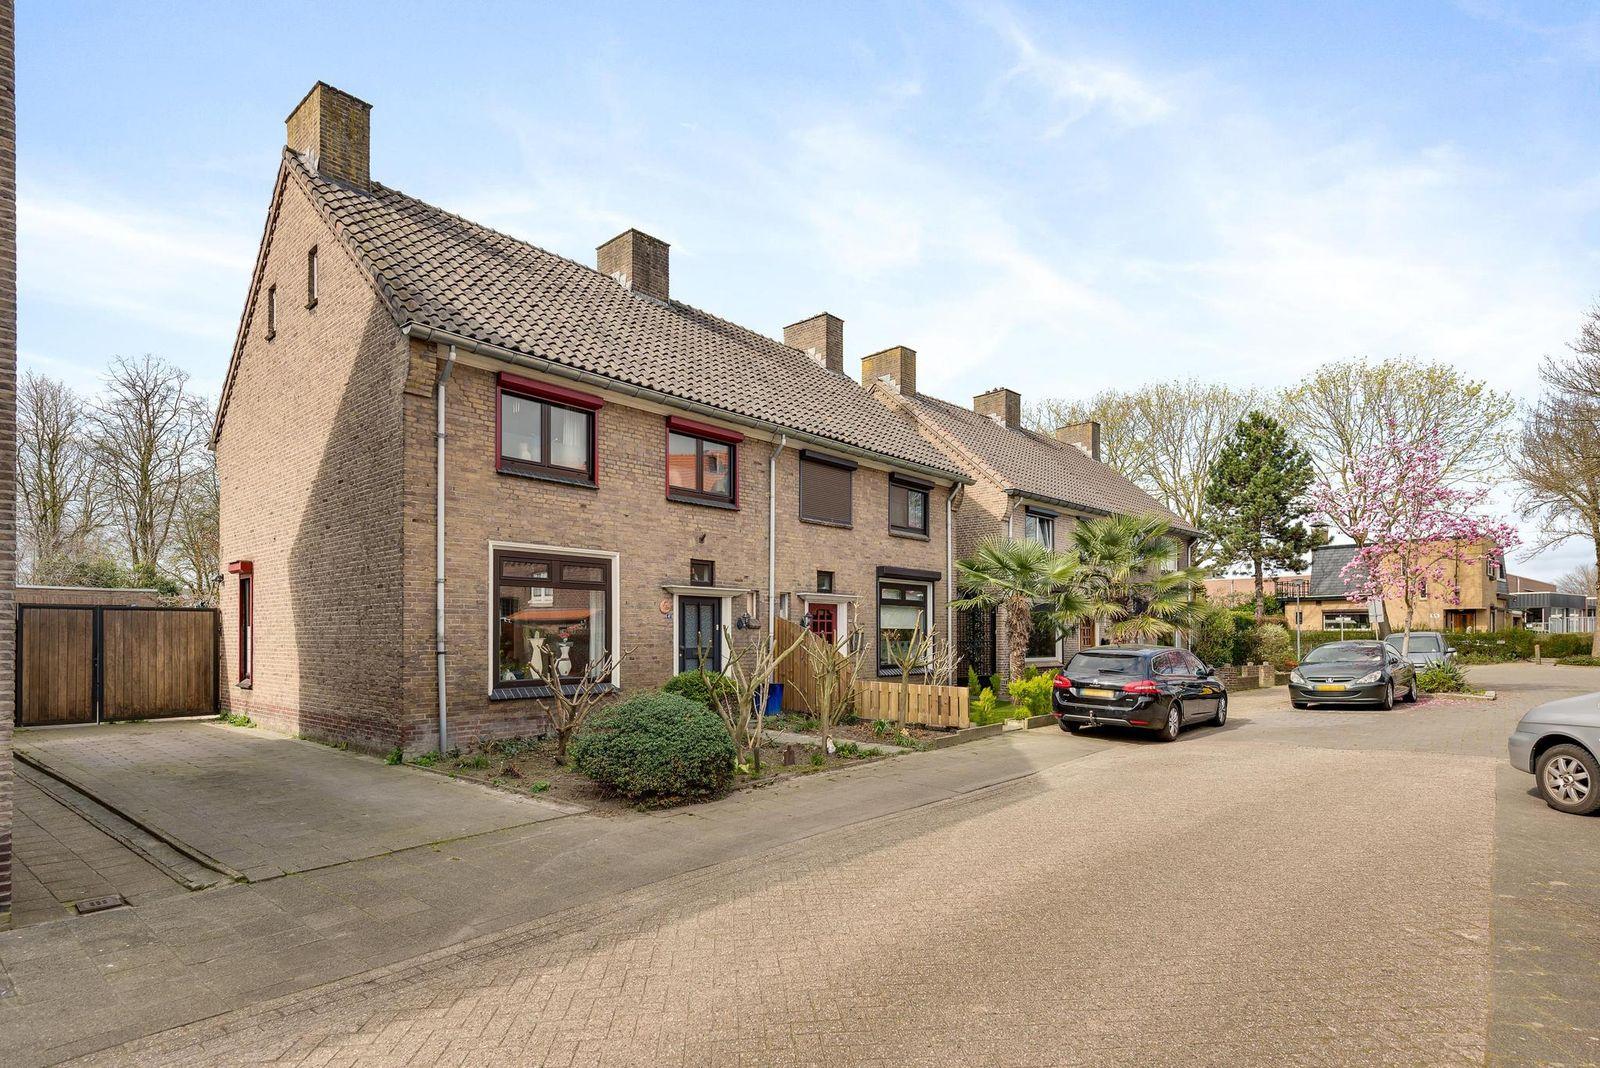 Willem I straat 47, Weert